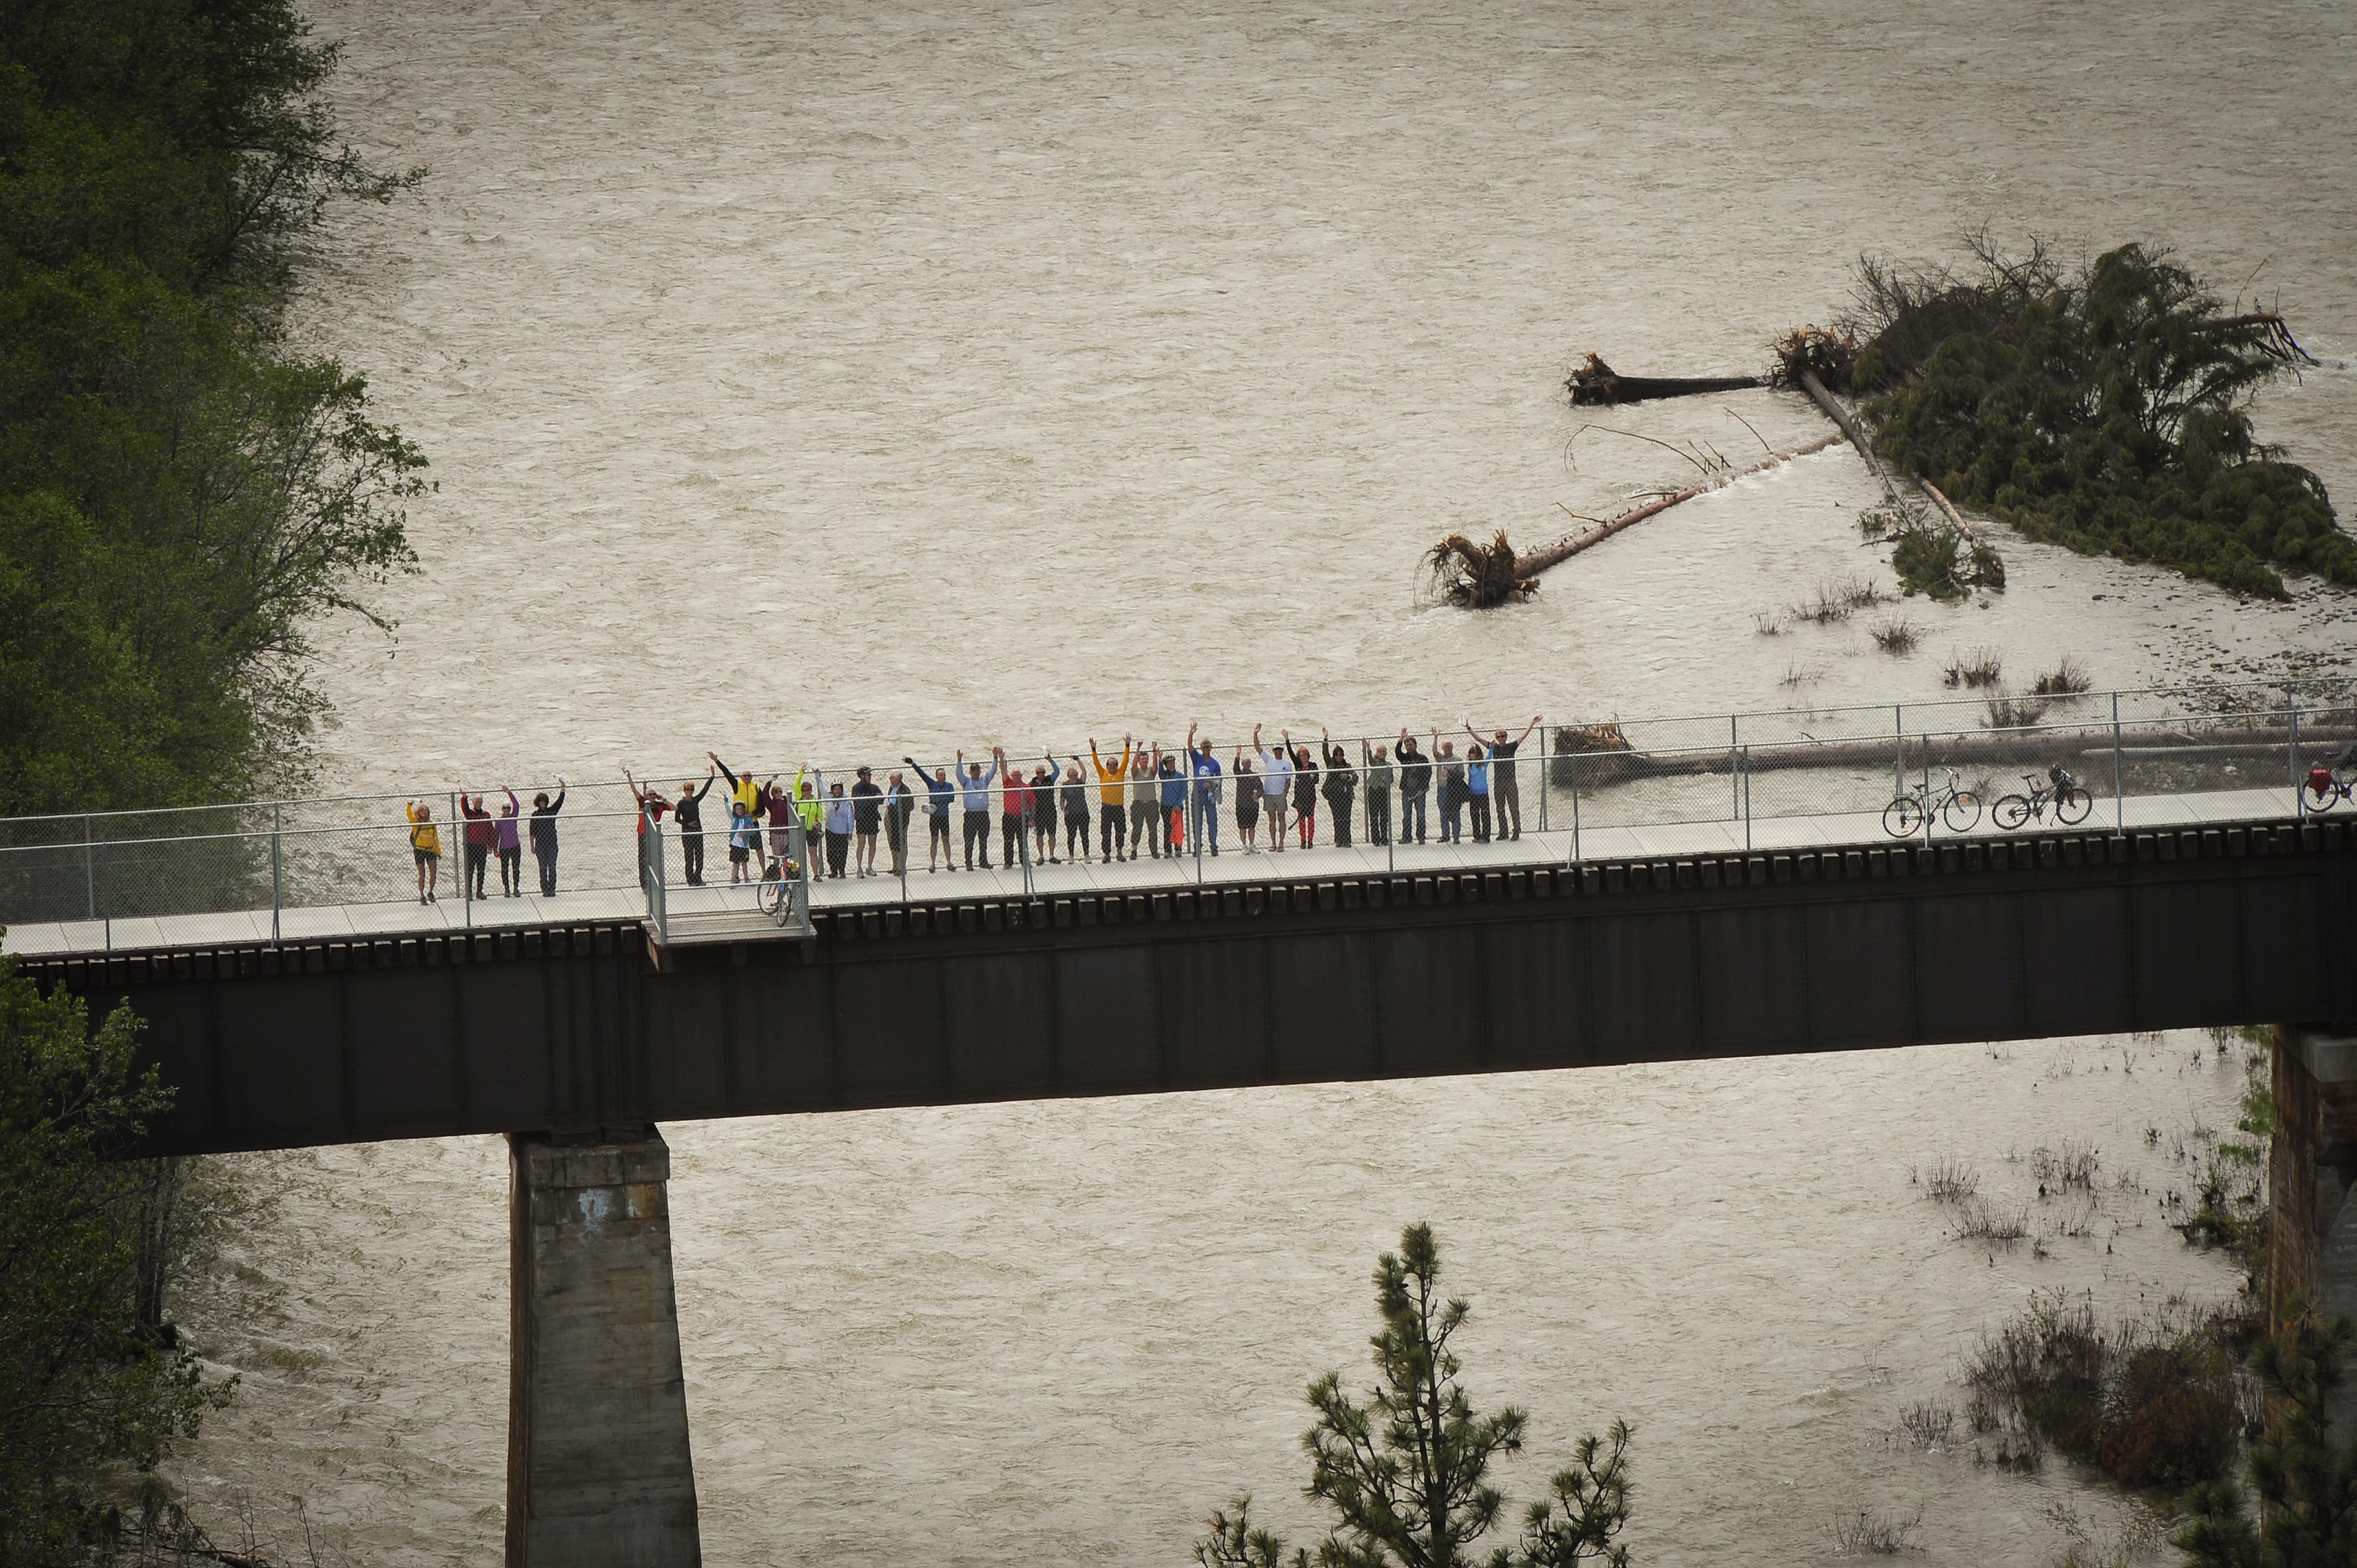 Une partie du groupe qui a célébré le dévoilement de la plaque saluent à partir du pont Wycliffe. Photo: Brian Clarkson